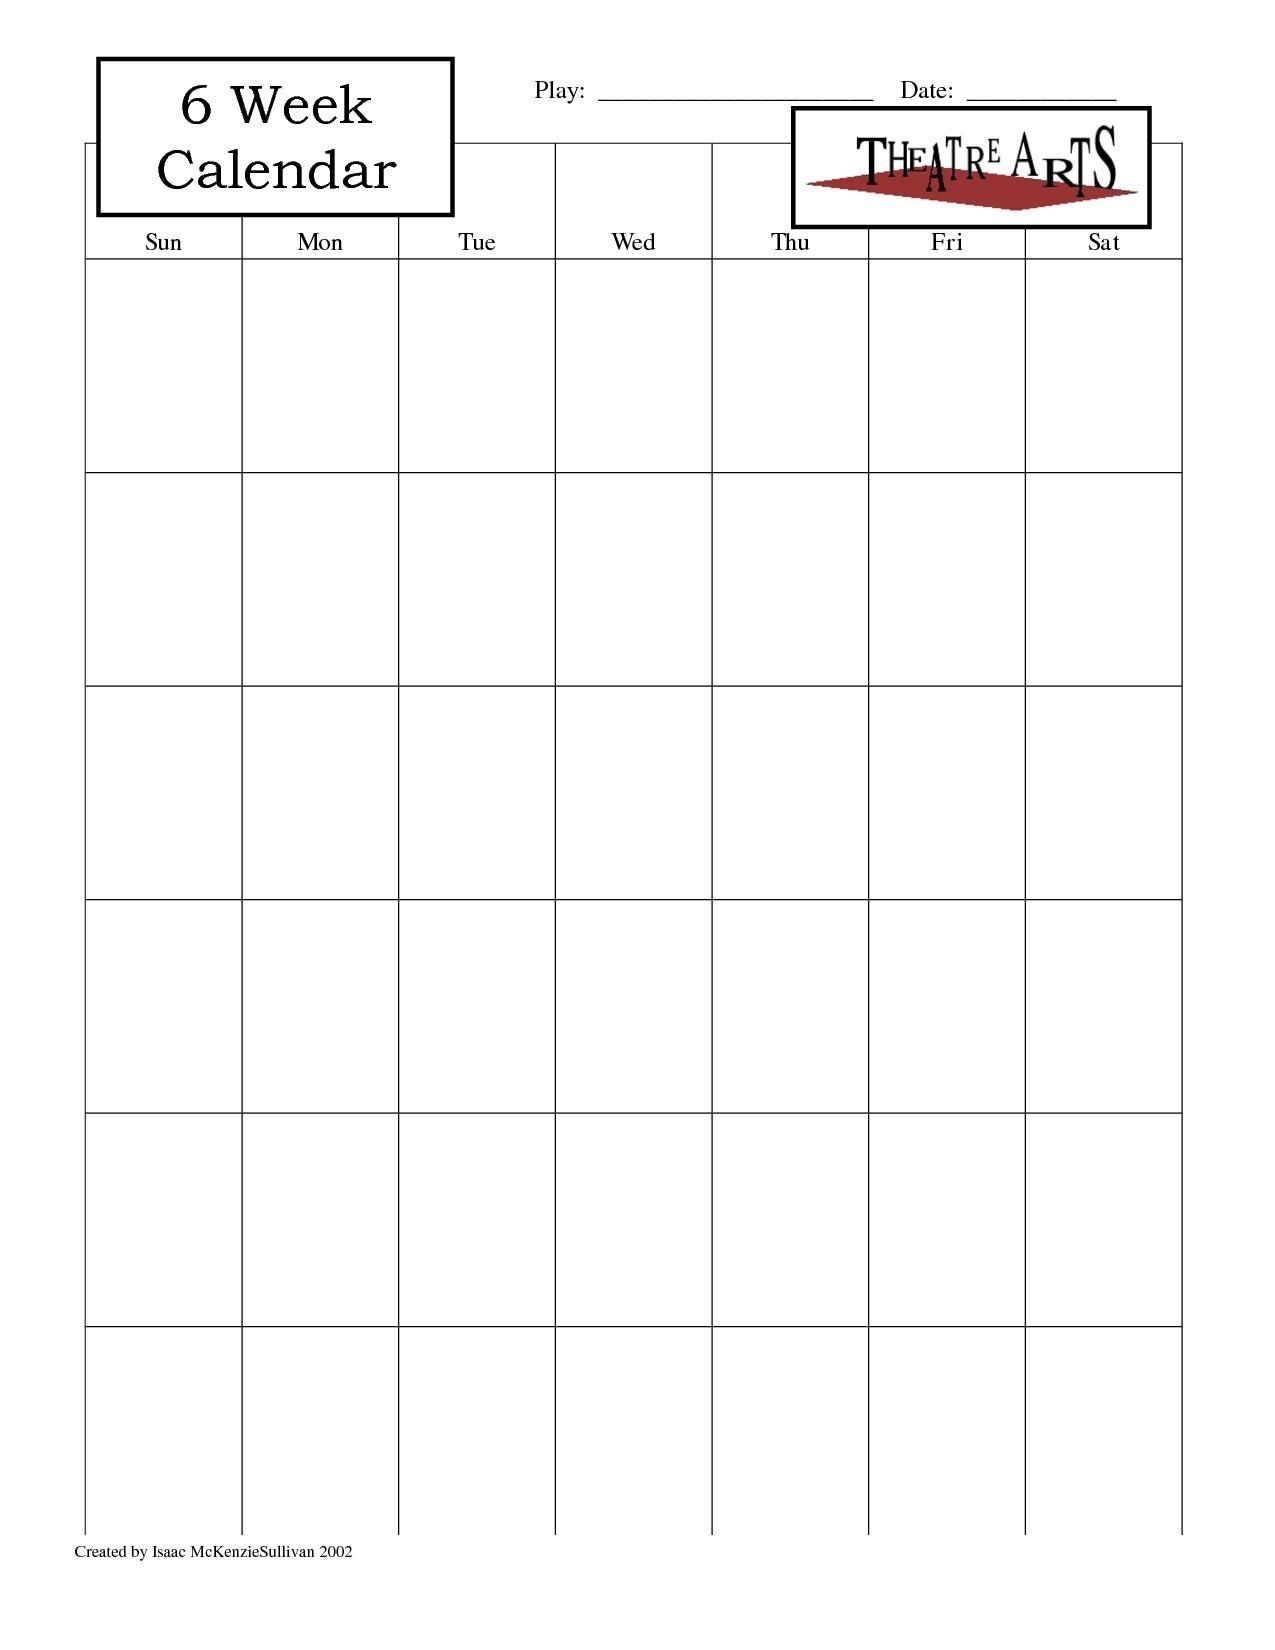 Blank 6 Week Calendar Template With Weeks 25971 Also On 6 Week